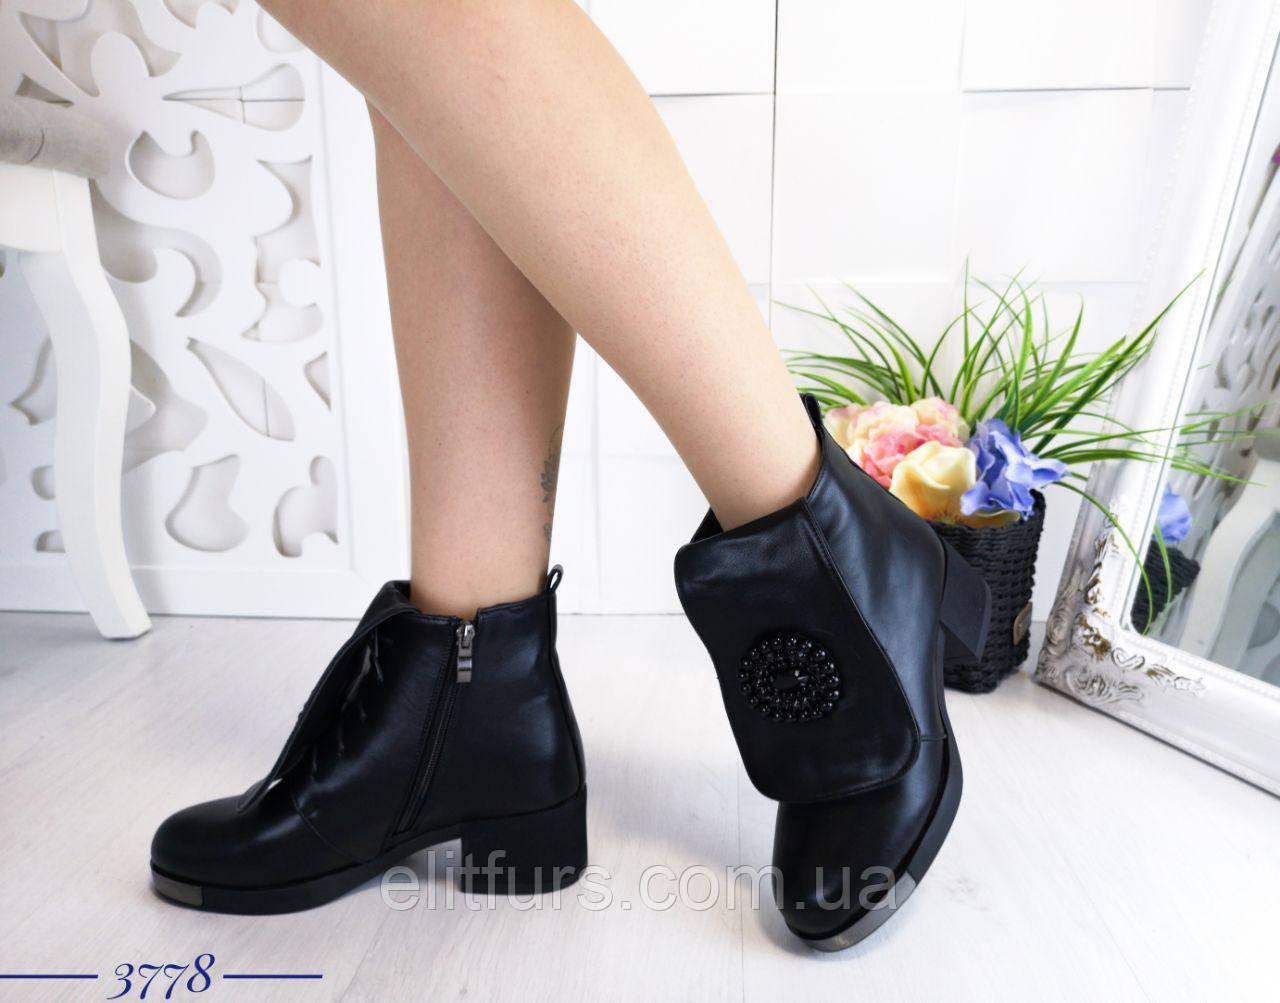 Ботинки демисезонные с красивым декором, эко-кожа